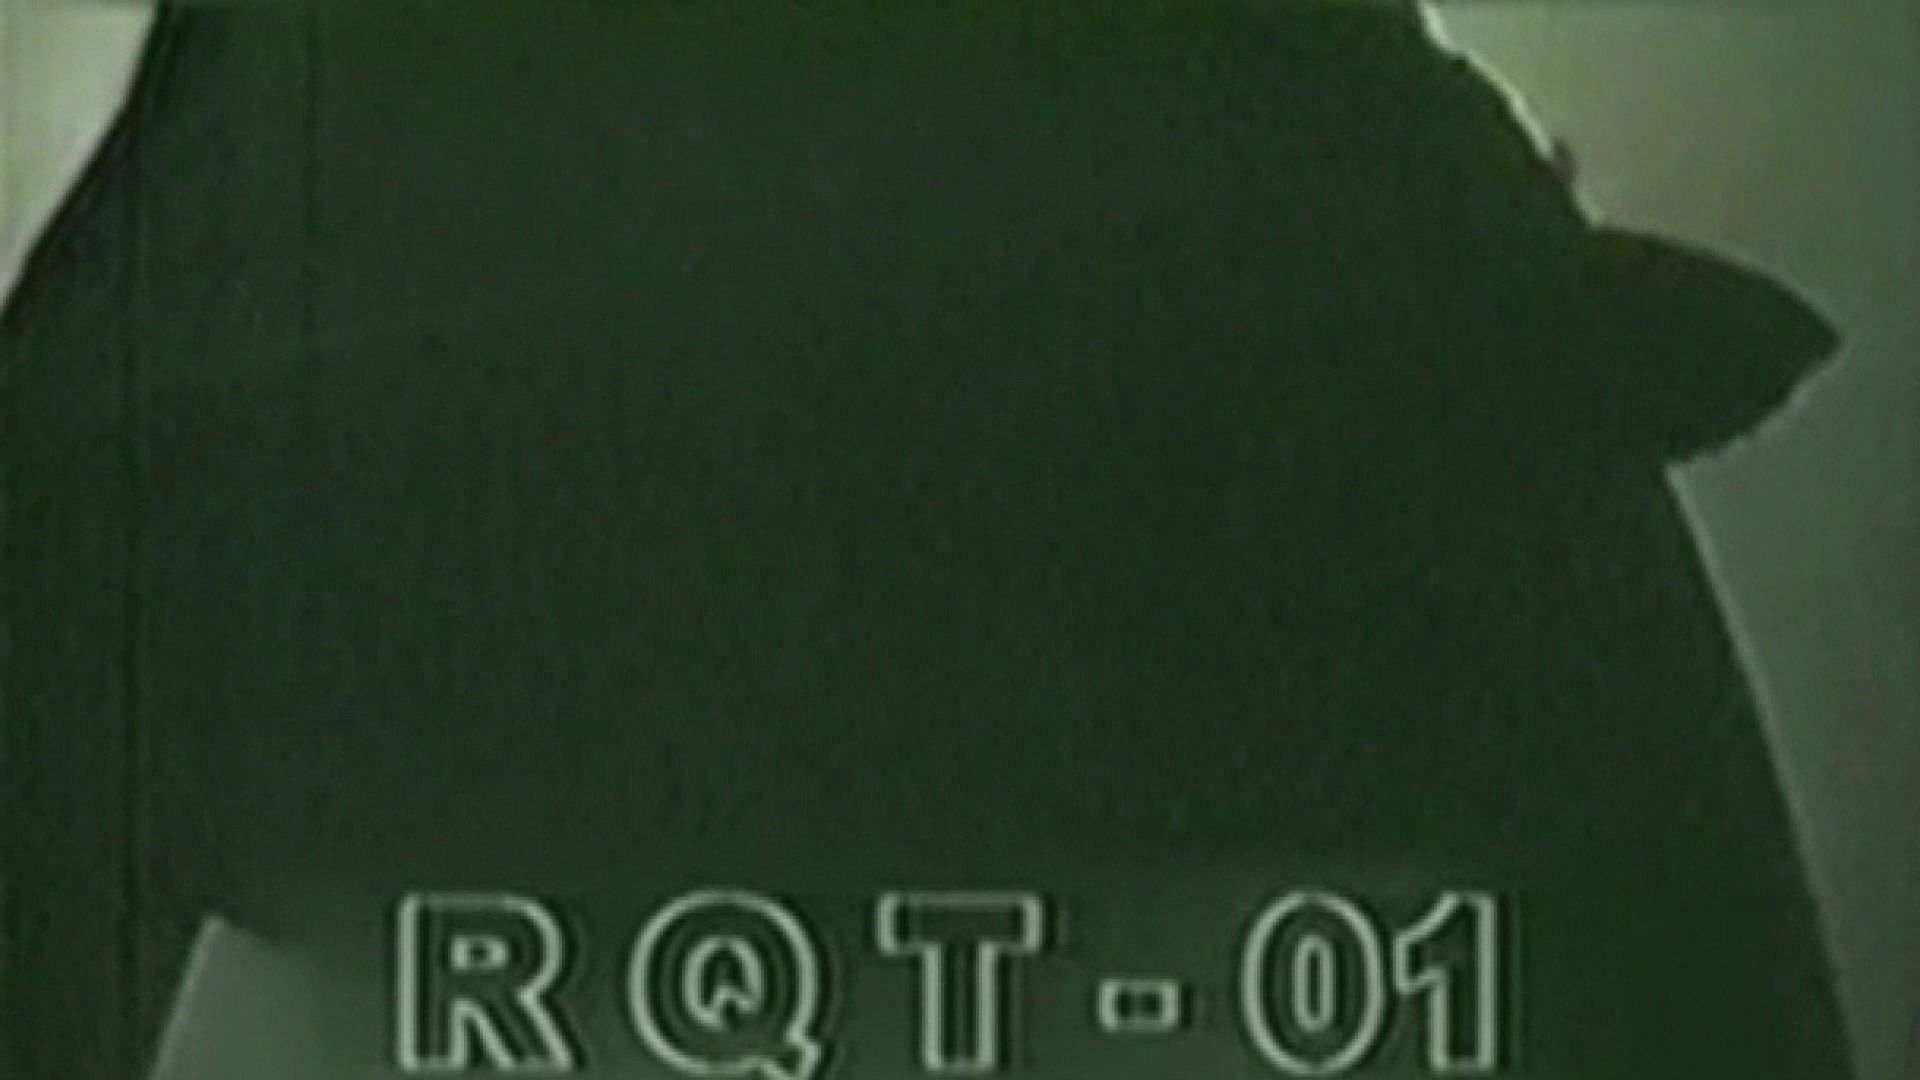 お姉さんの恥便所盗撮! Vol.2 レースクイーン 覗きスケベ動画紹介 56連発 19